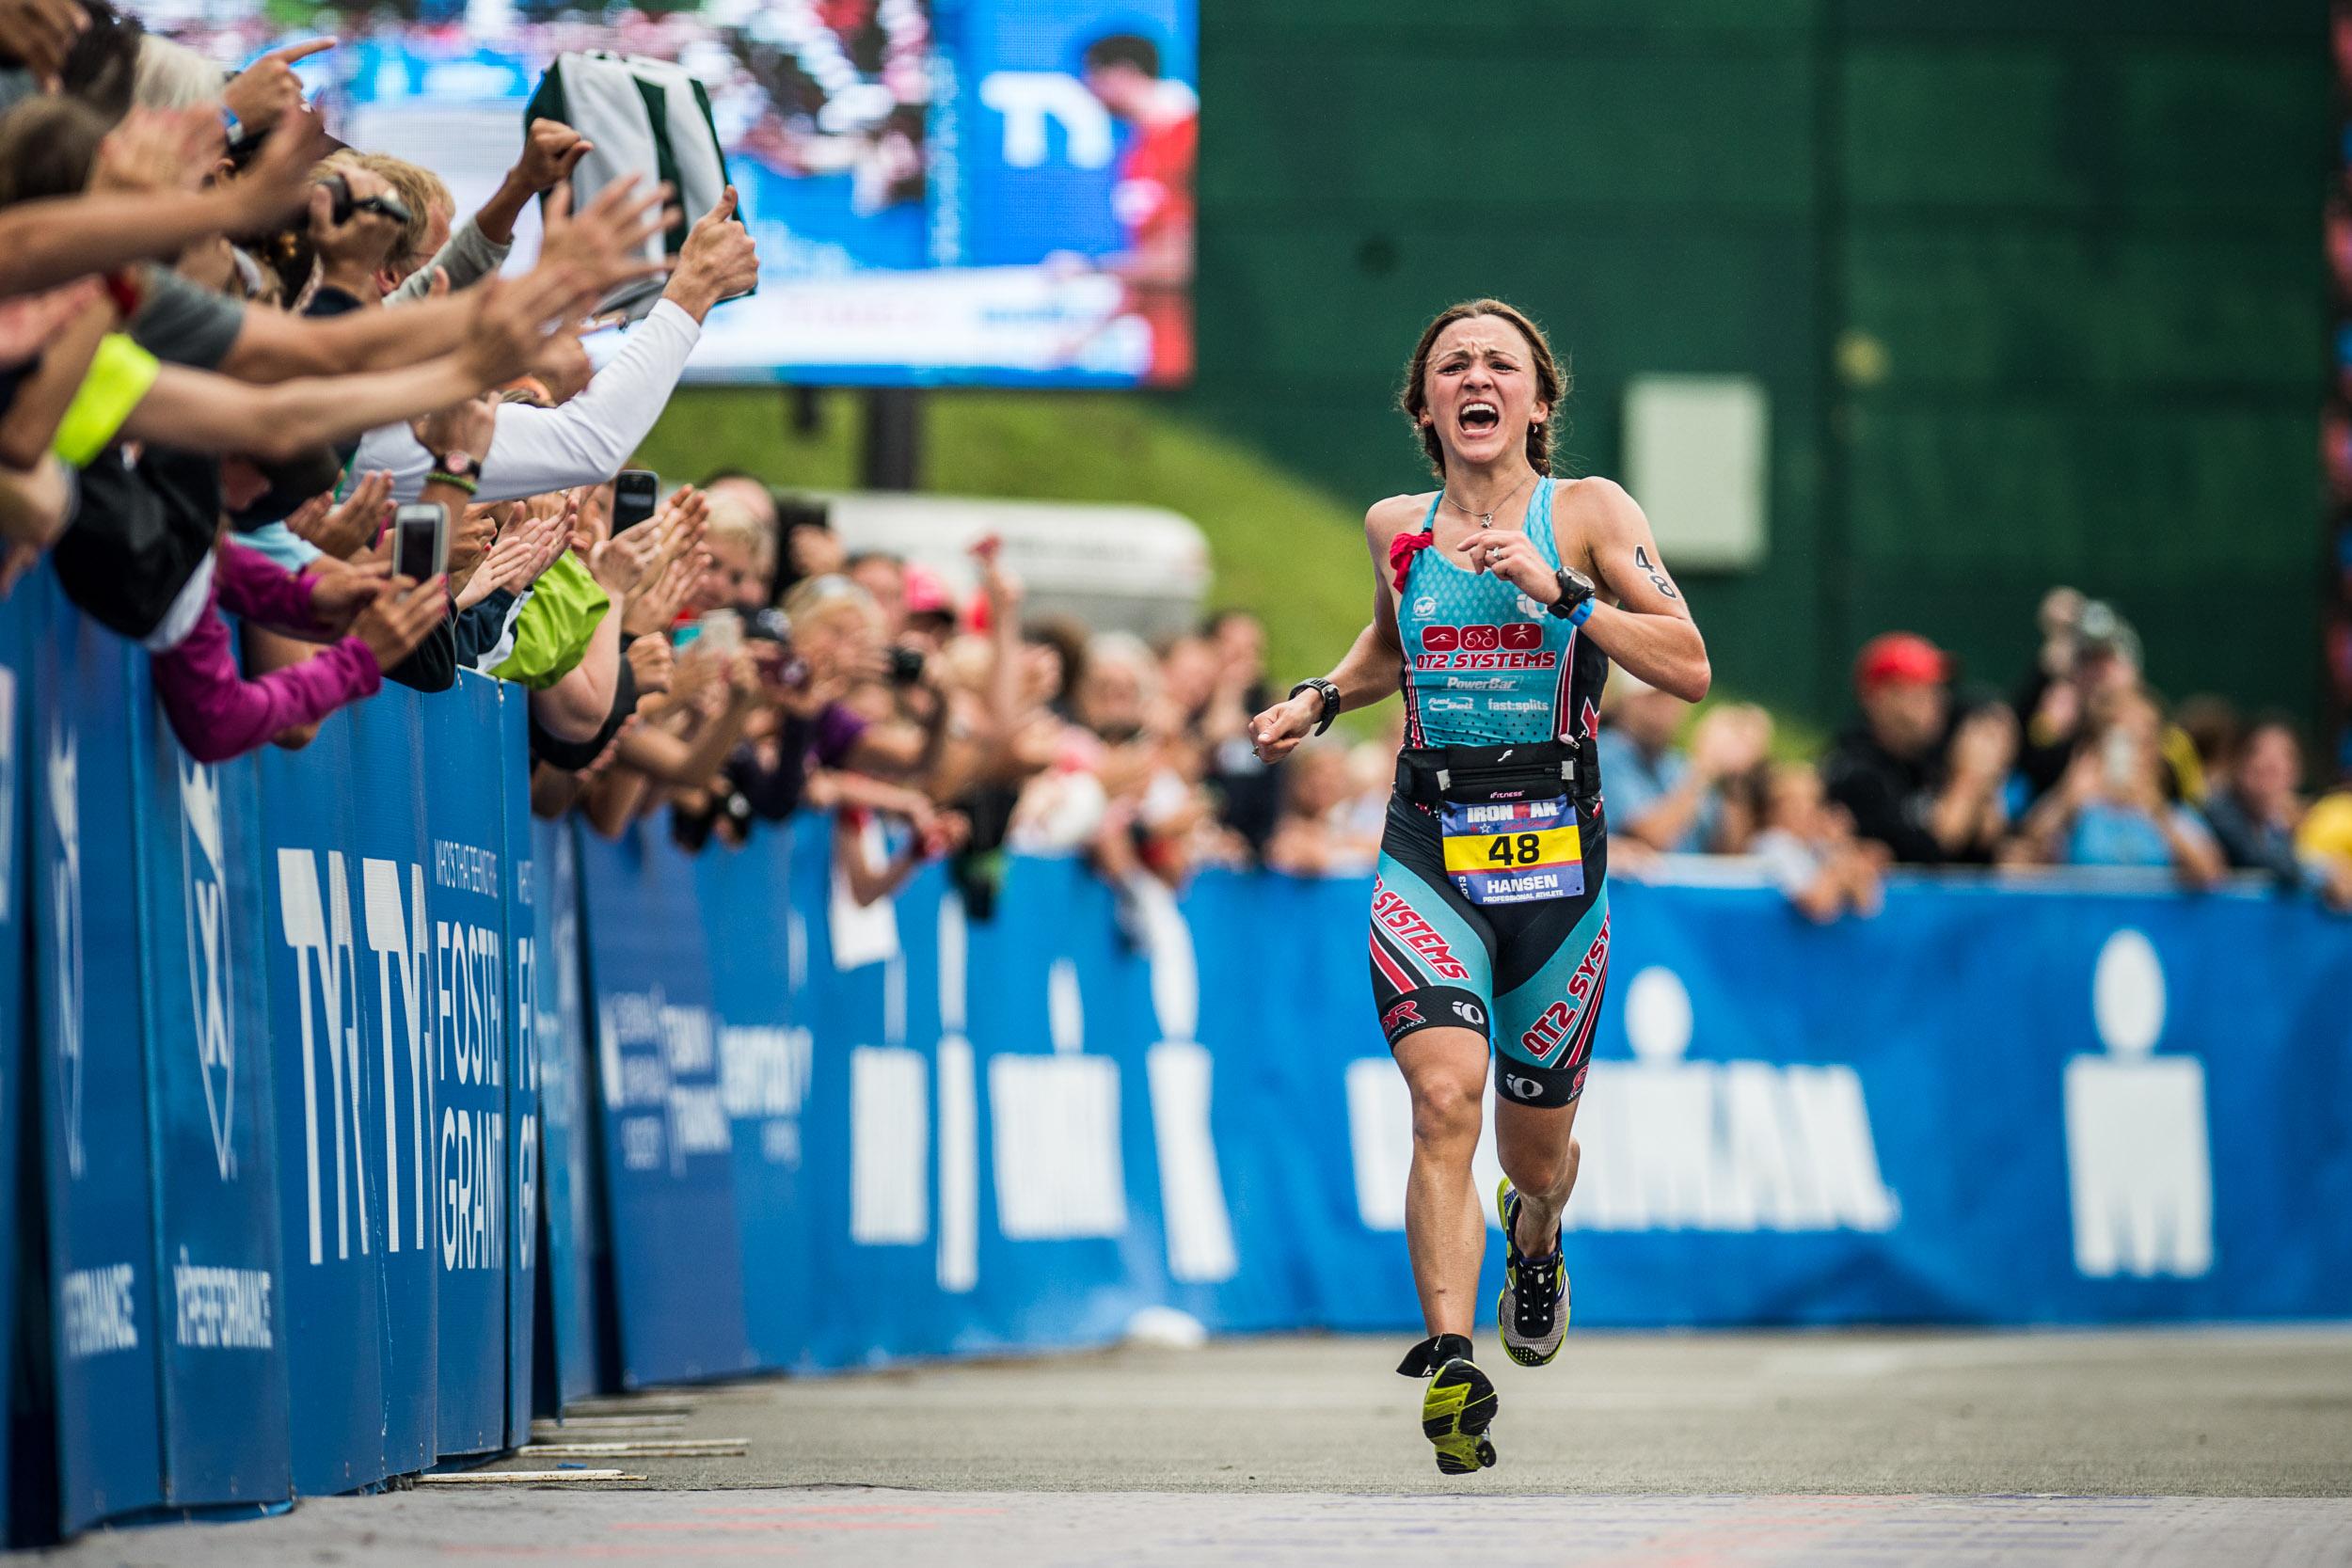 Photo via triathlete.com